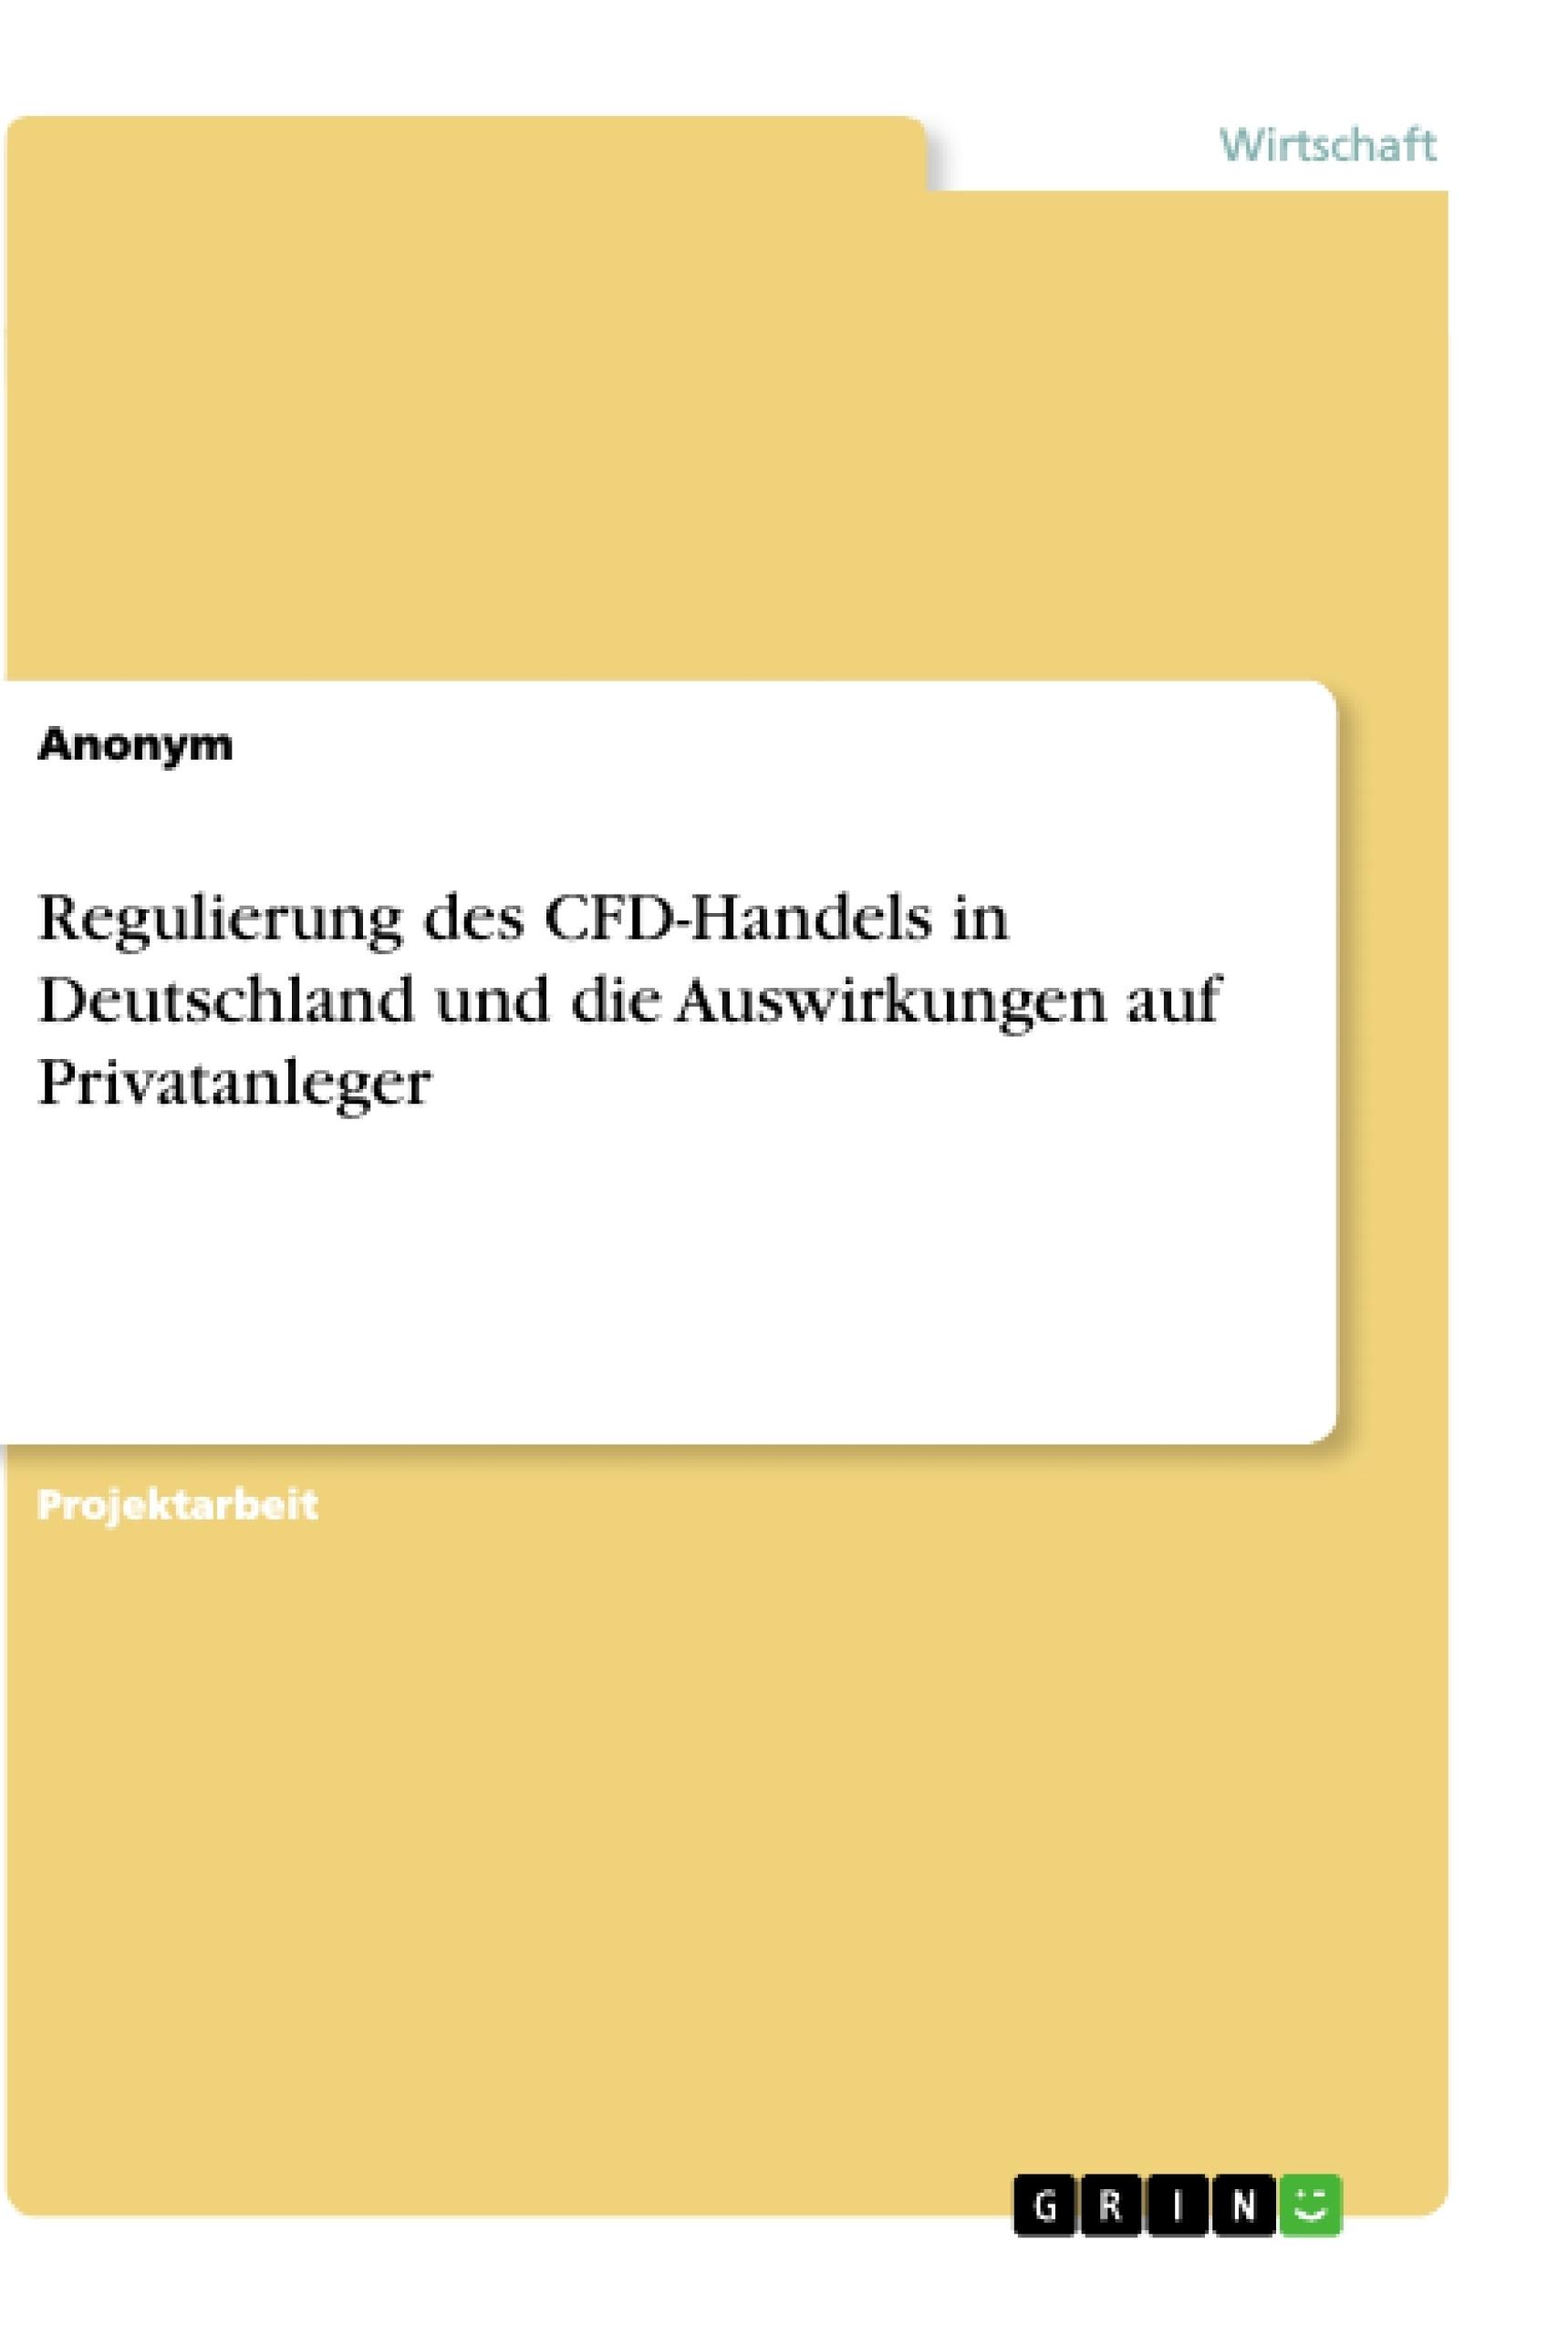 Titel: Regulierung des CFD-Handels in Deutschland und die Auswirkungen auf Privatanleger